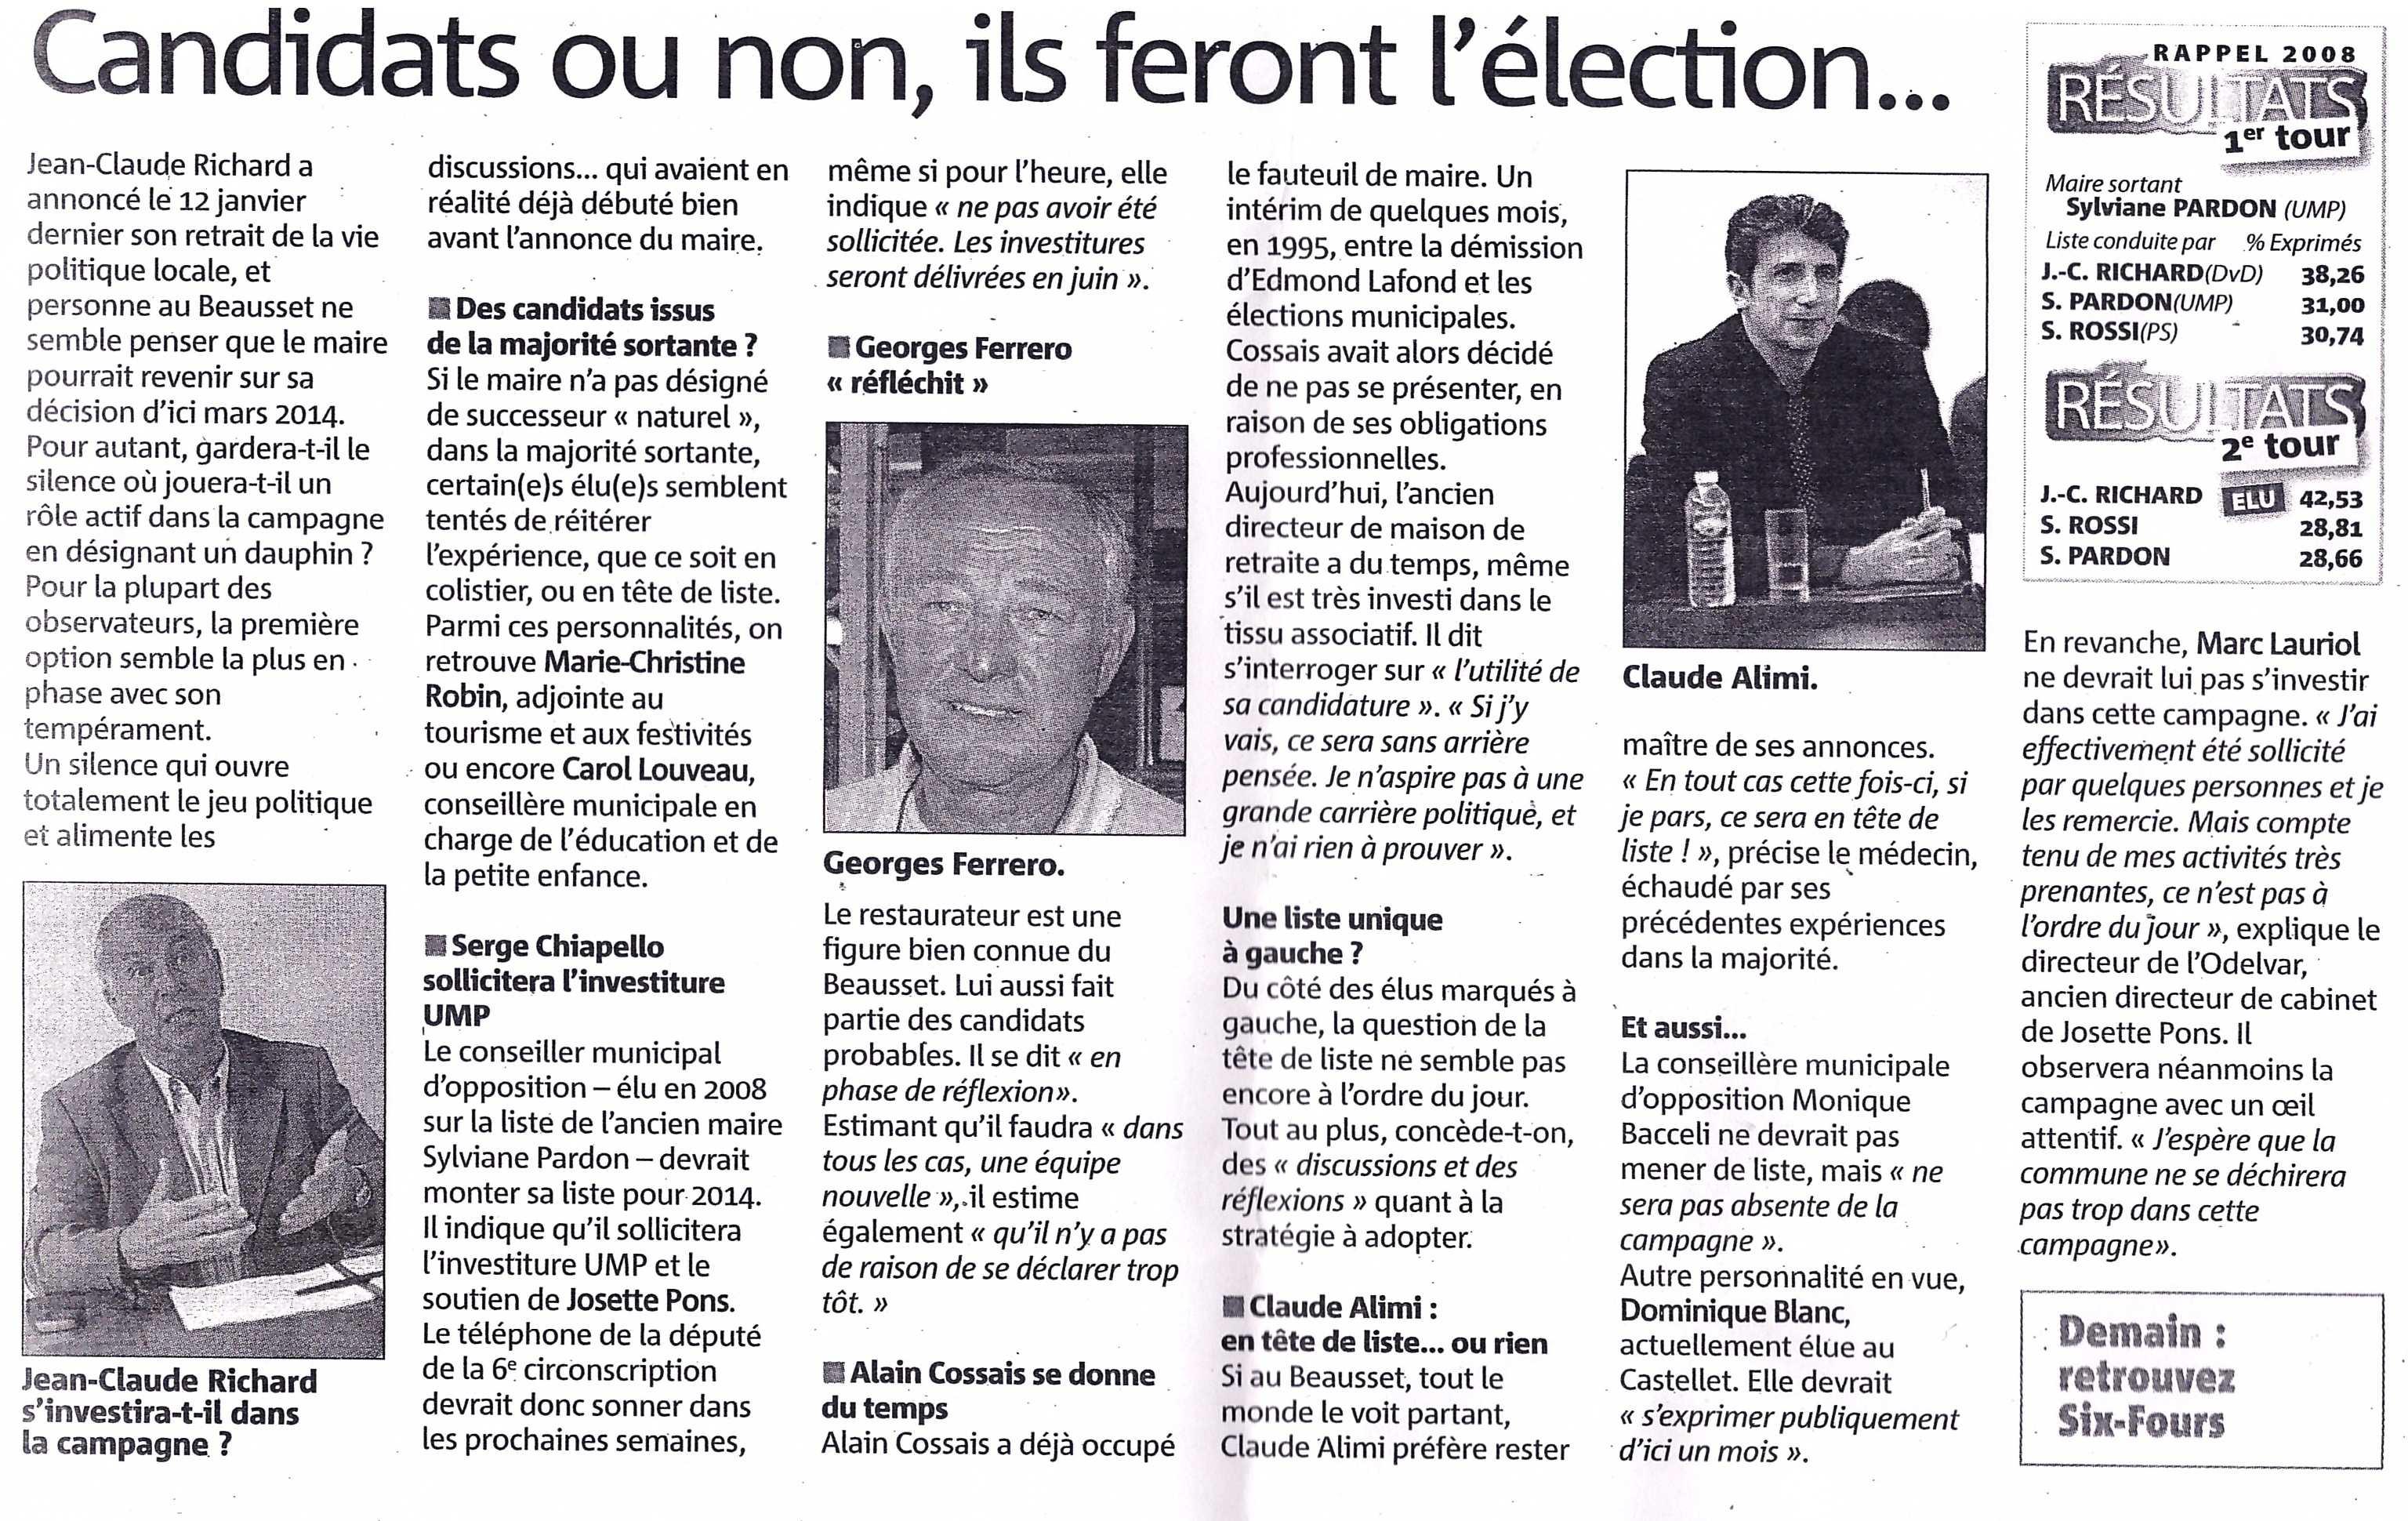 Les éventuels personnages clés de l'élection municipale de 2014 au Beausset